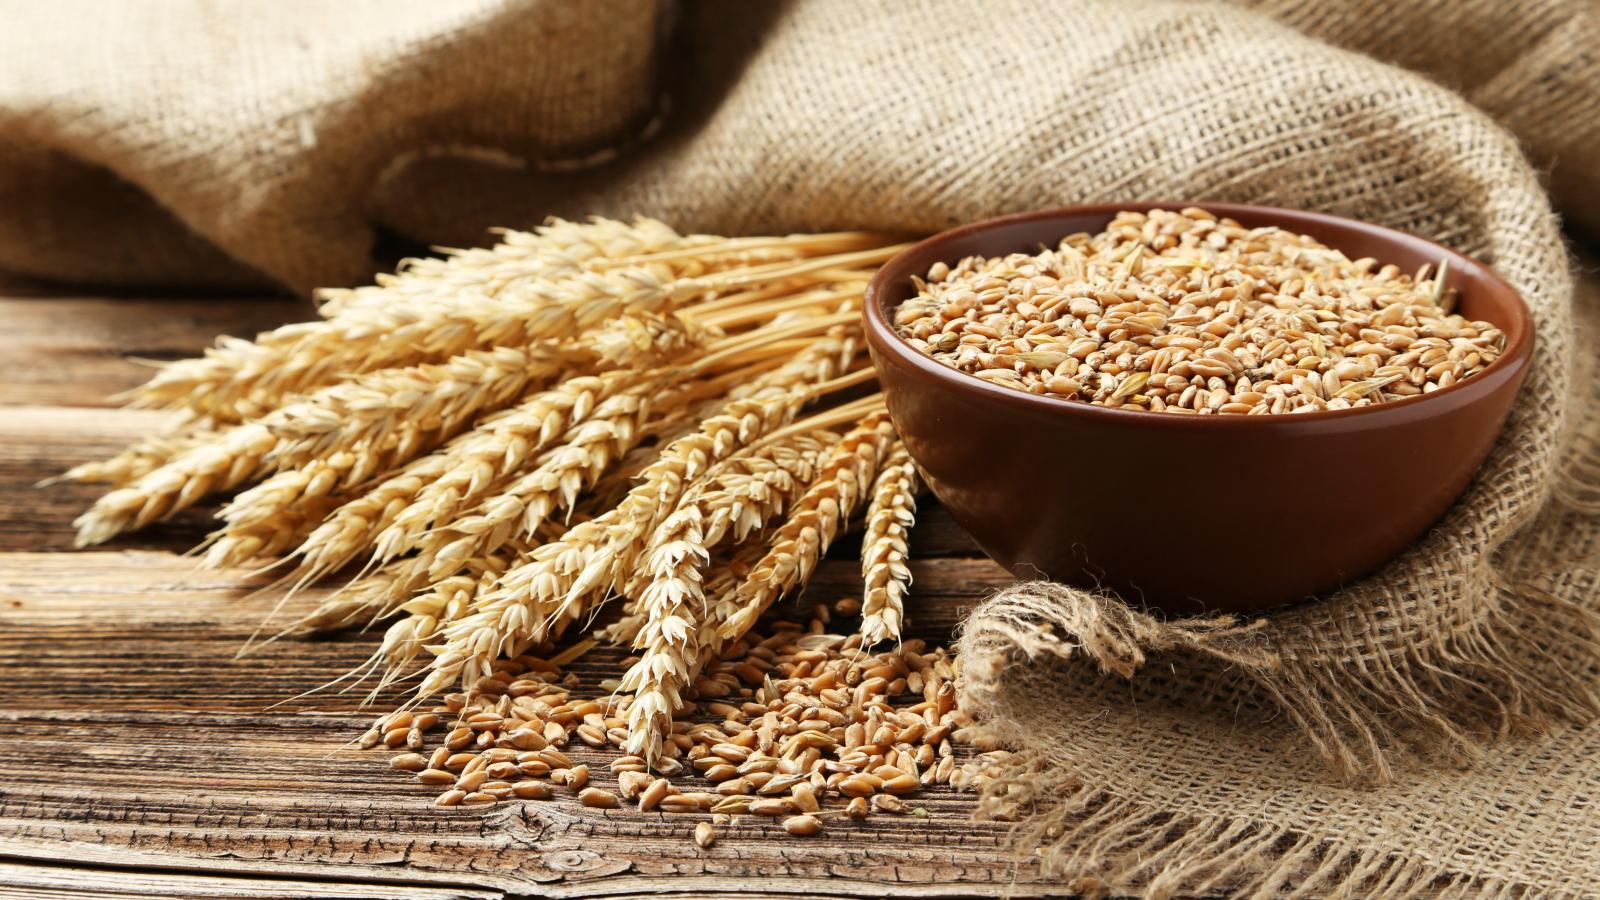 Pšenica lahko povzroči alergijsko reakcijo, ki je ne gre enačiti s celiakijo